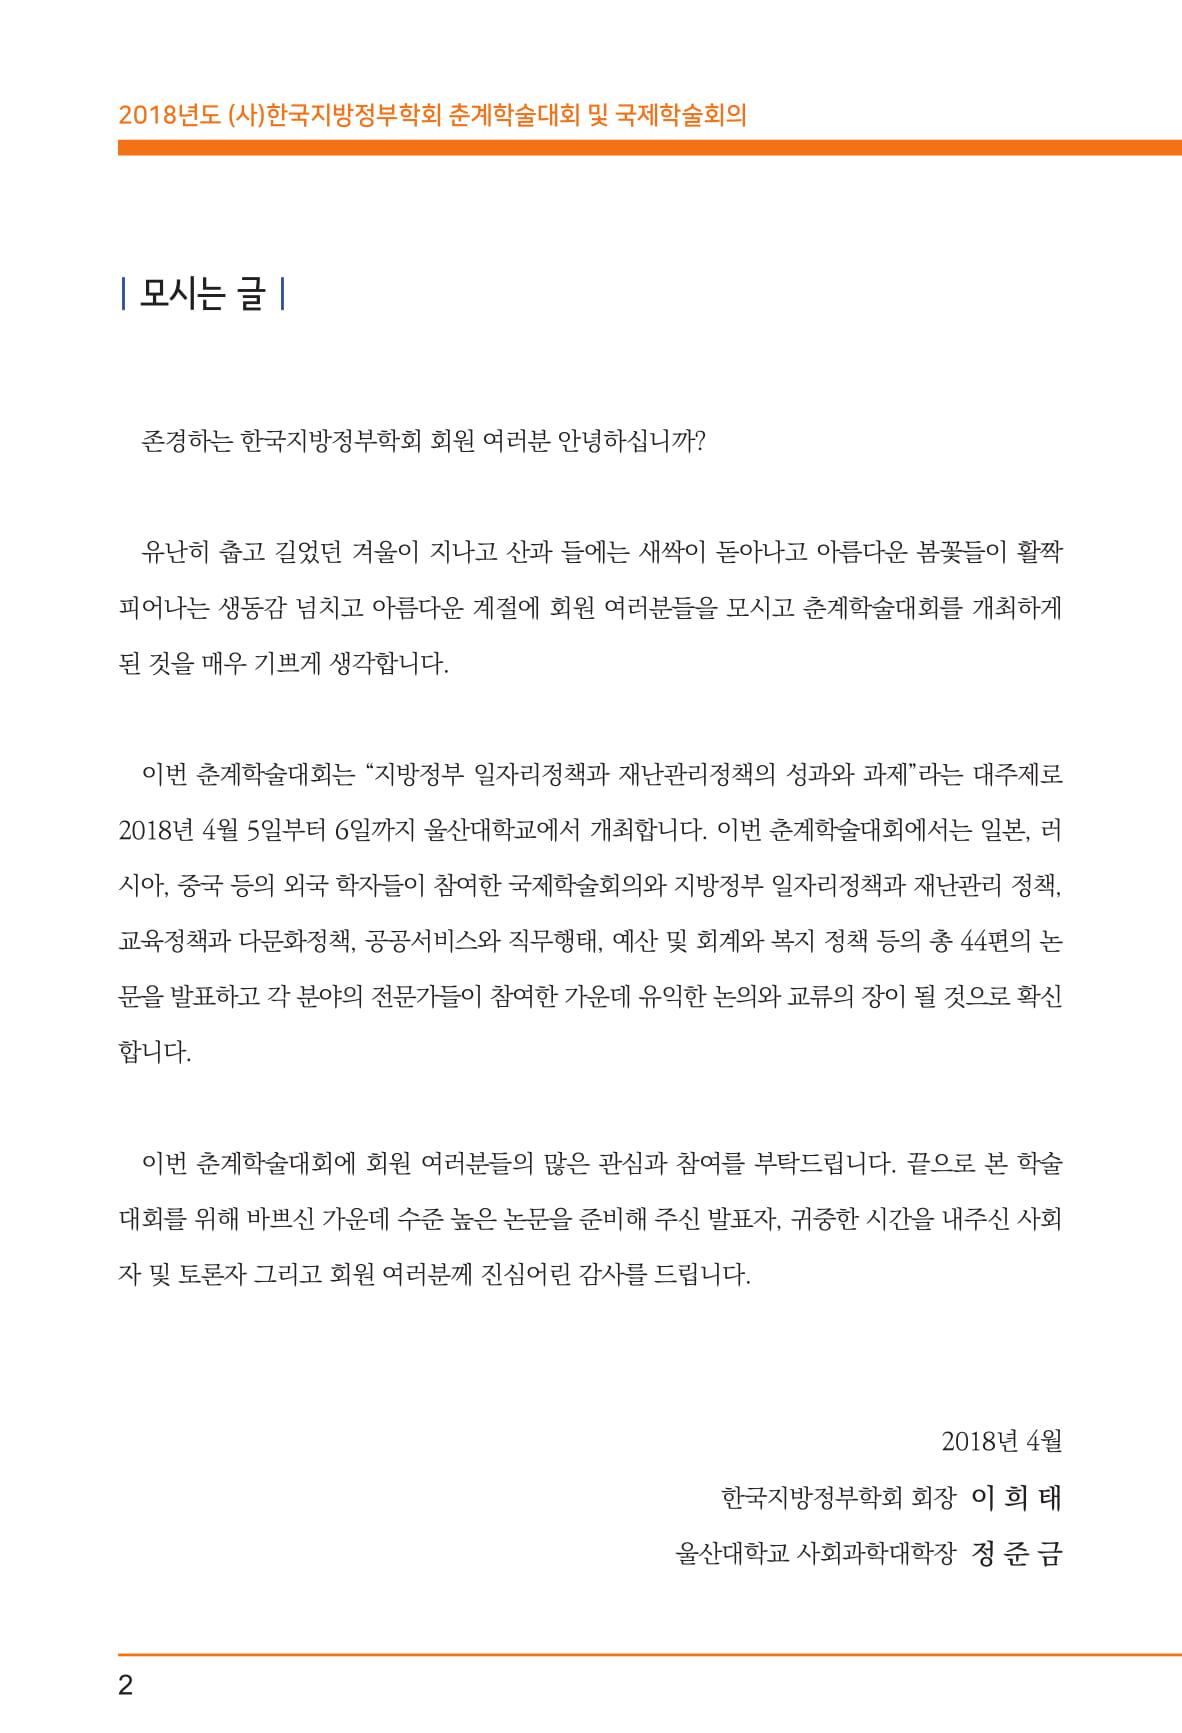 12_지방정부_춘계초청-02.jpg